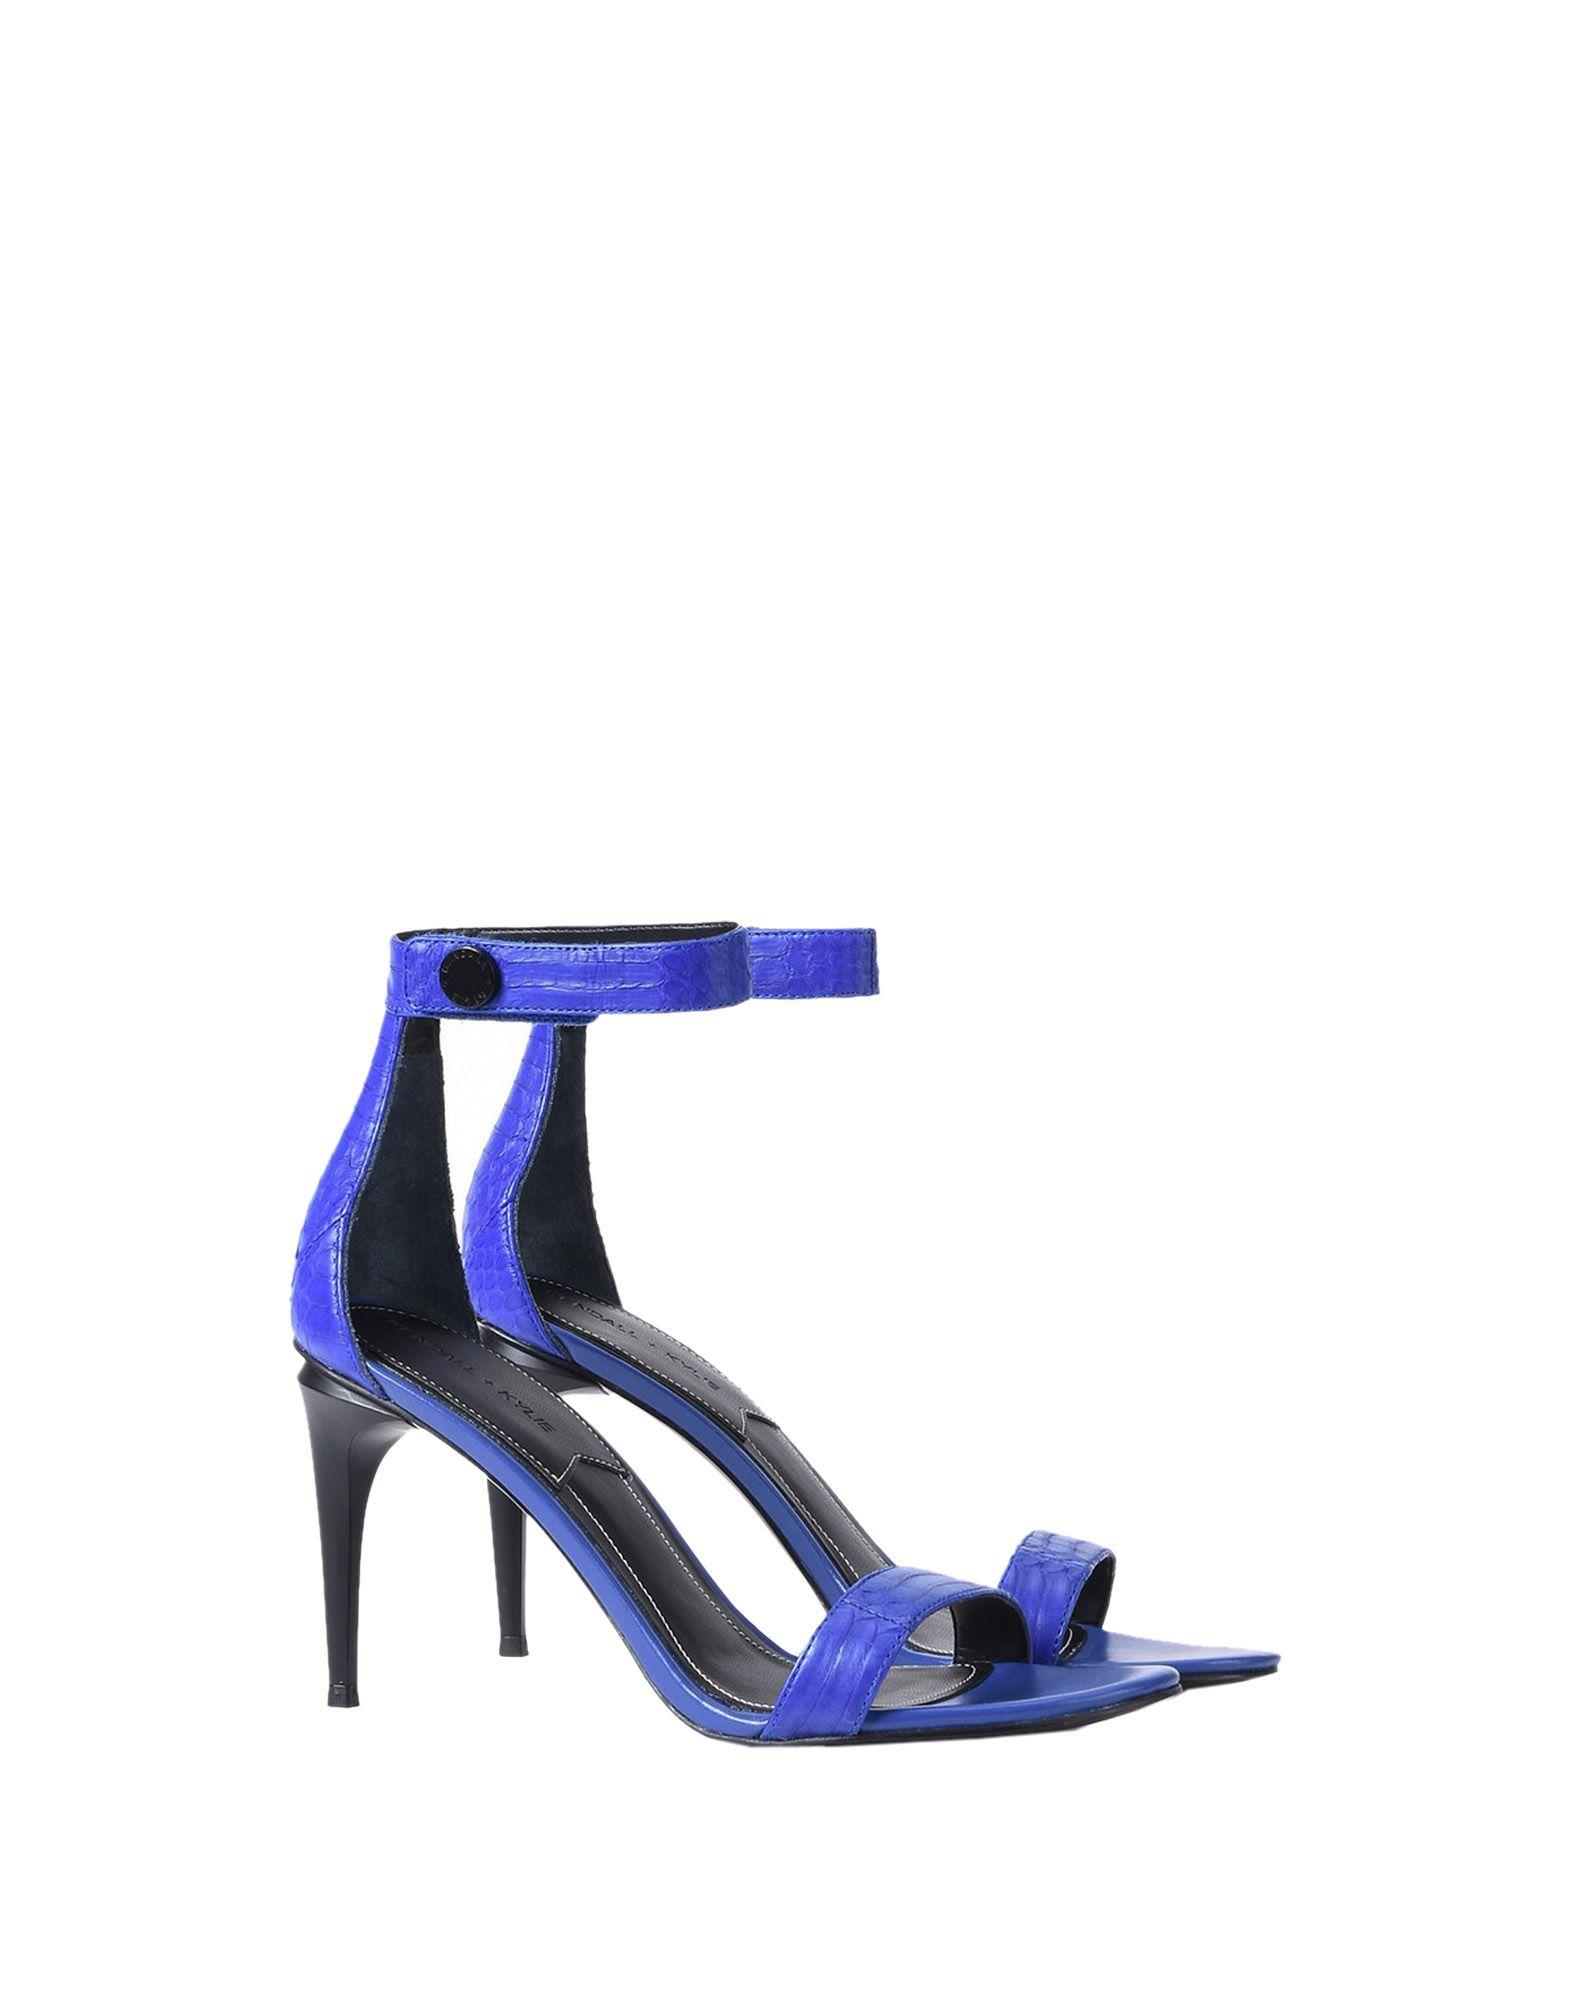 Kendall + Kylie Schuhe Sandalen Damen  11250249VL Neue Schuhe Kylie 8e2f19